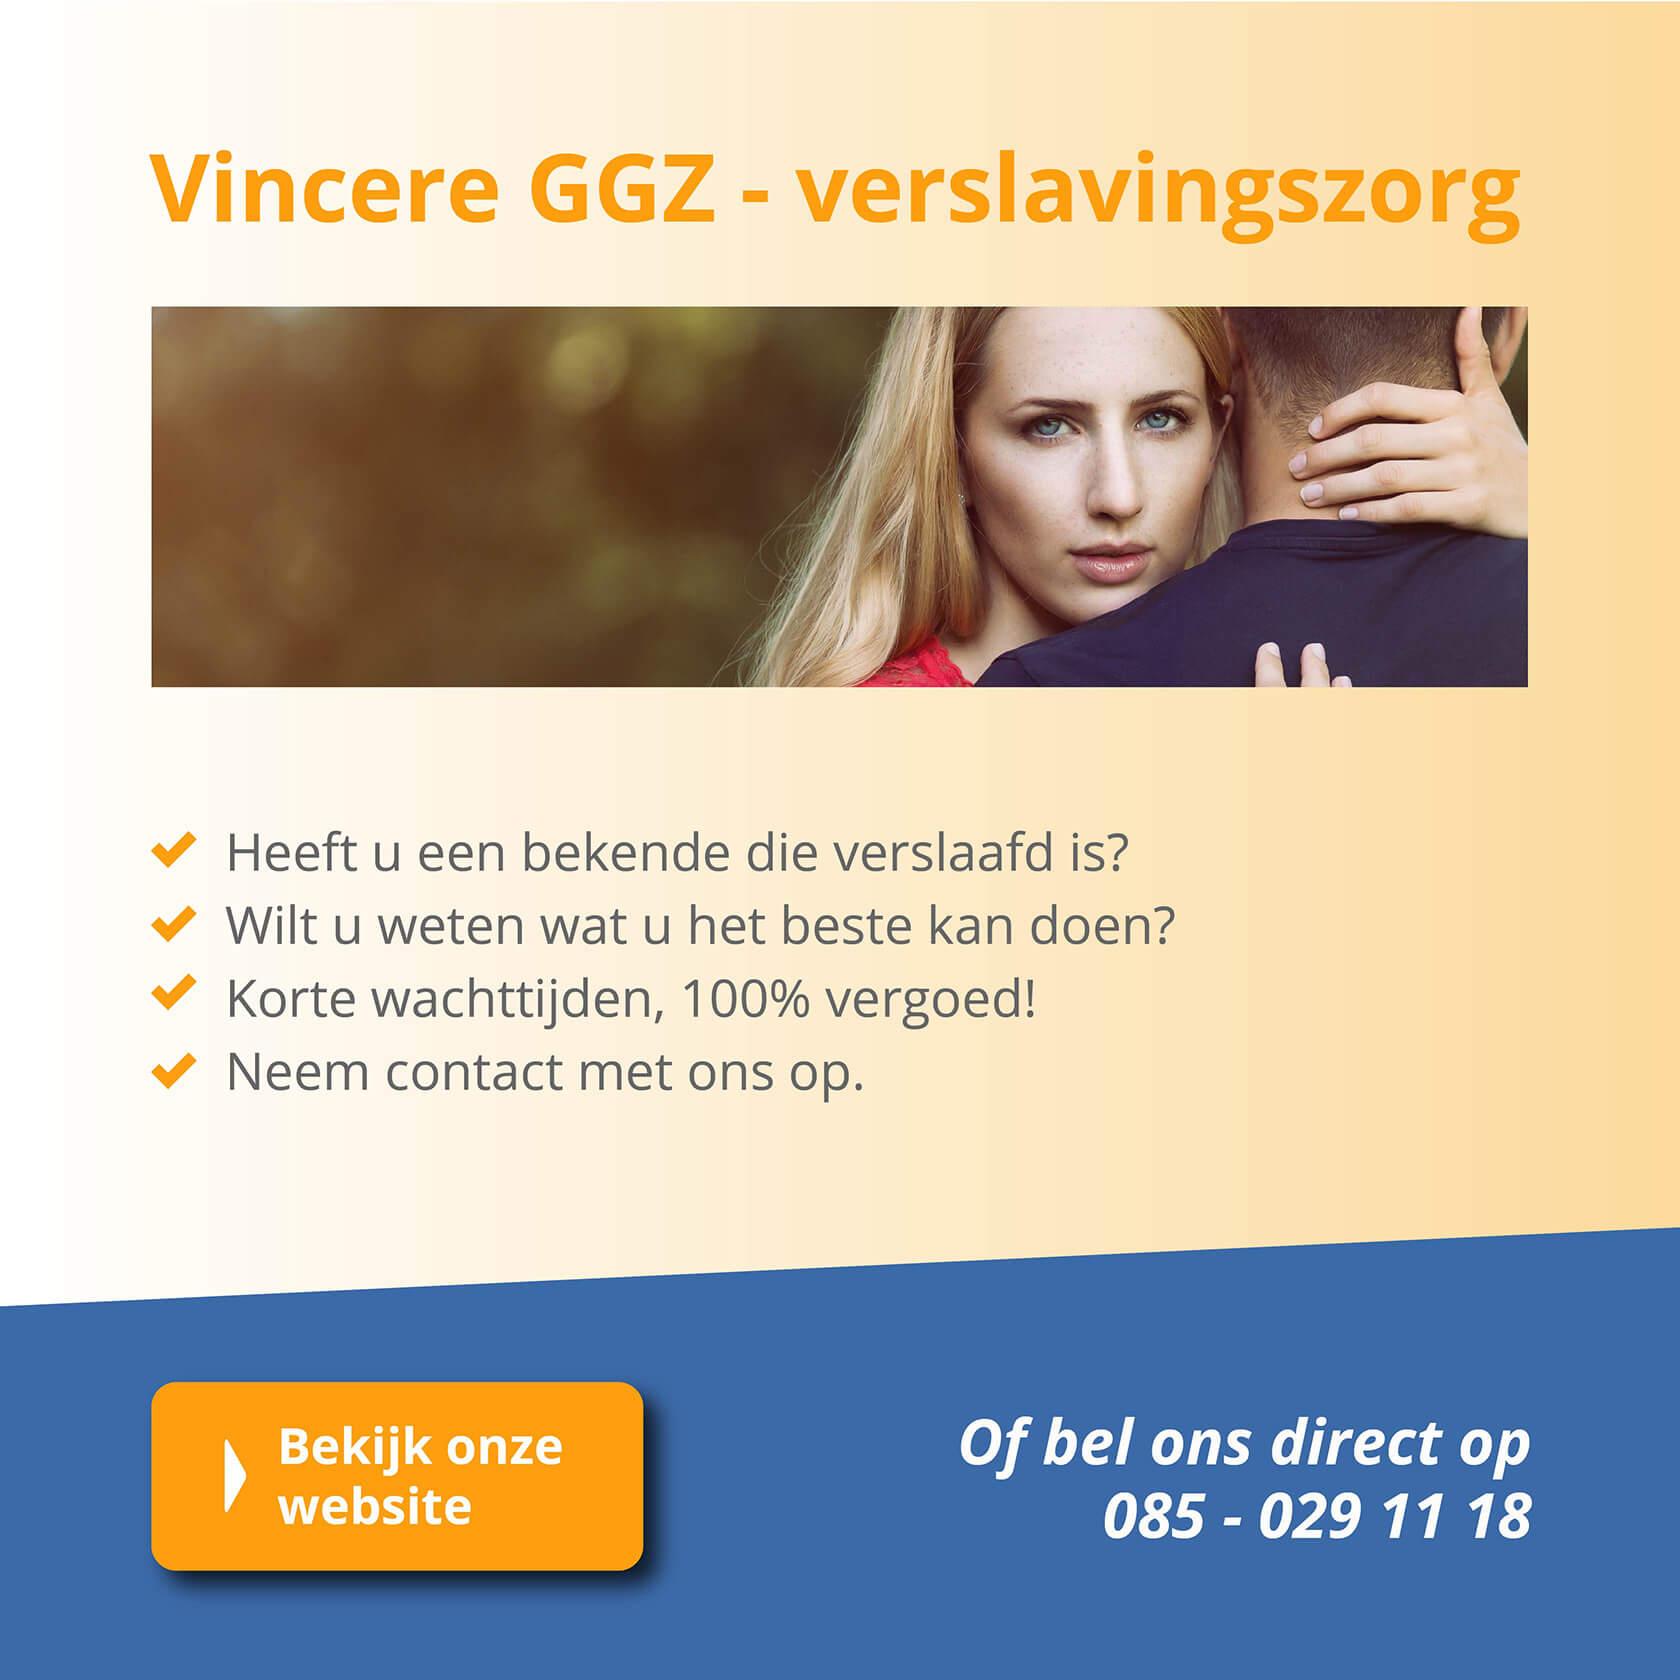 Vincere - verslavingskliniek met locaties in binnen- en buitenland.